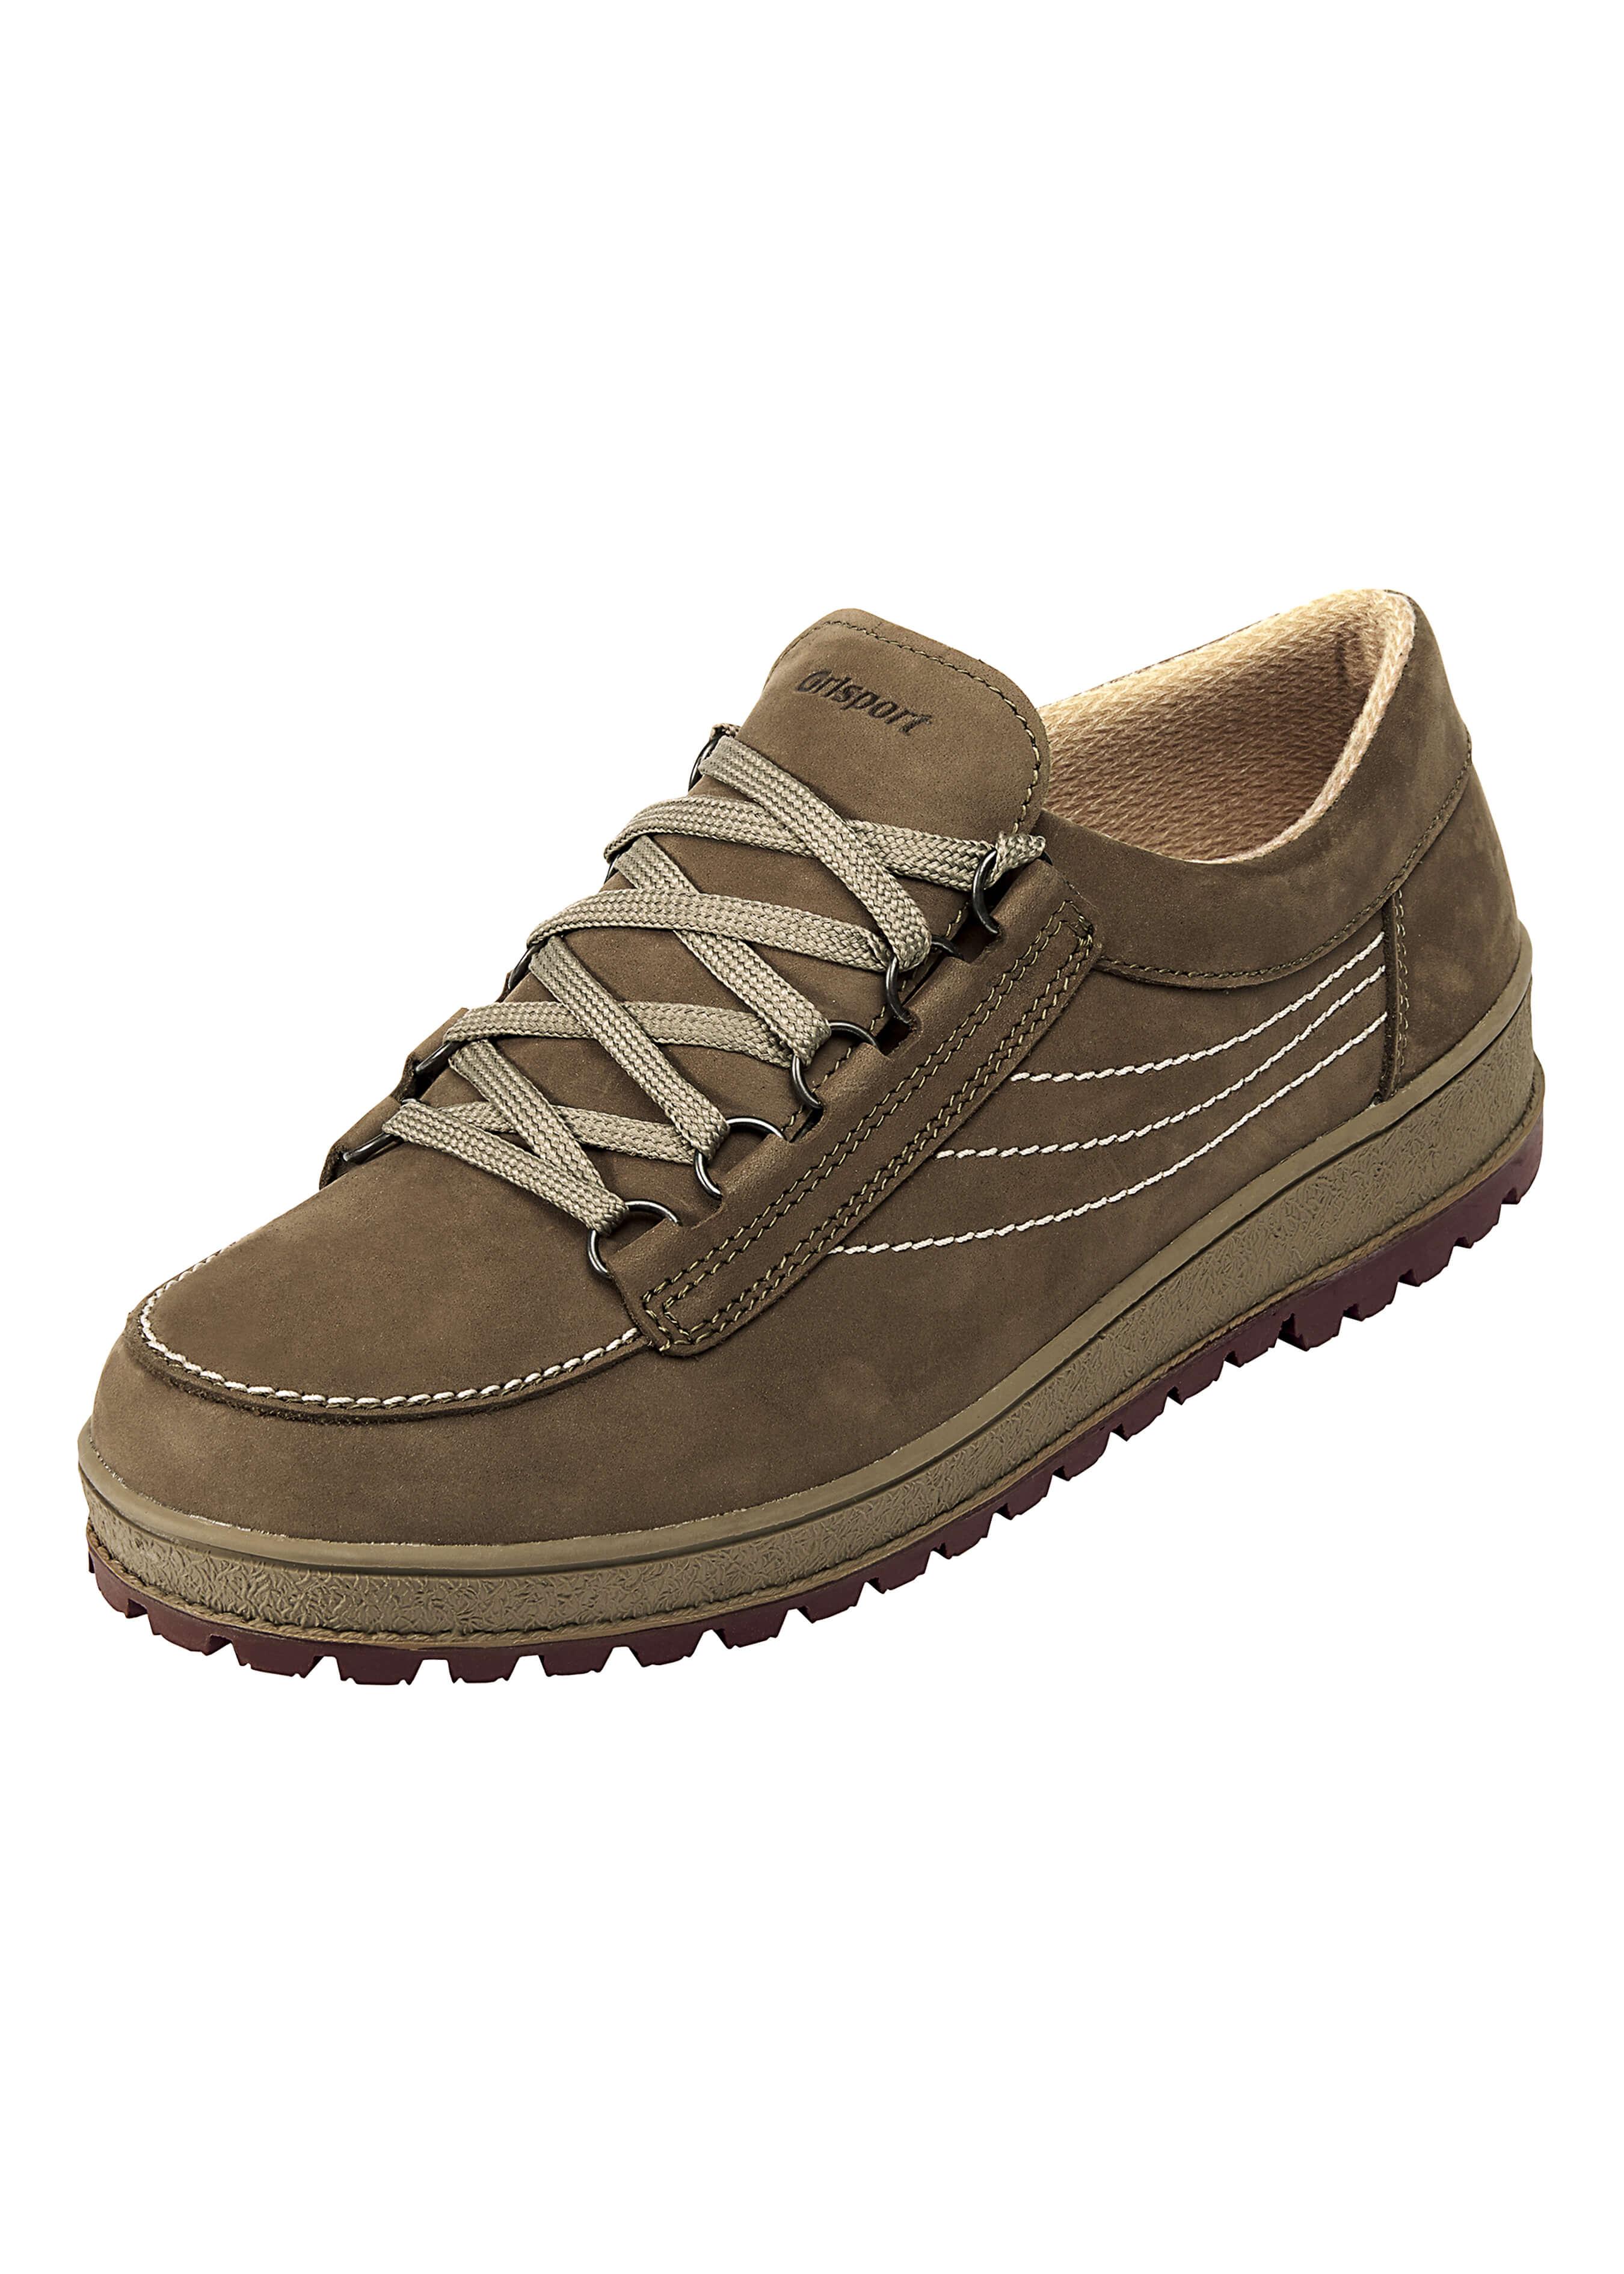 Chaussure à lacet en cuir nubuck 41664239 1